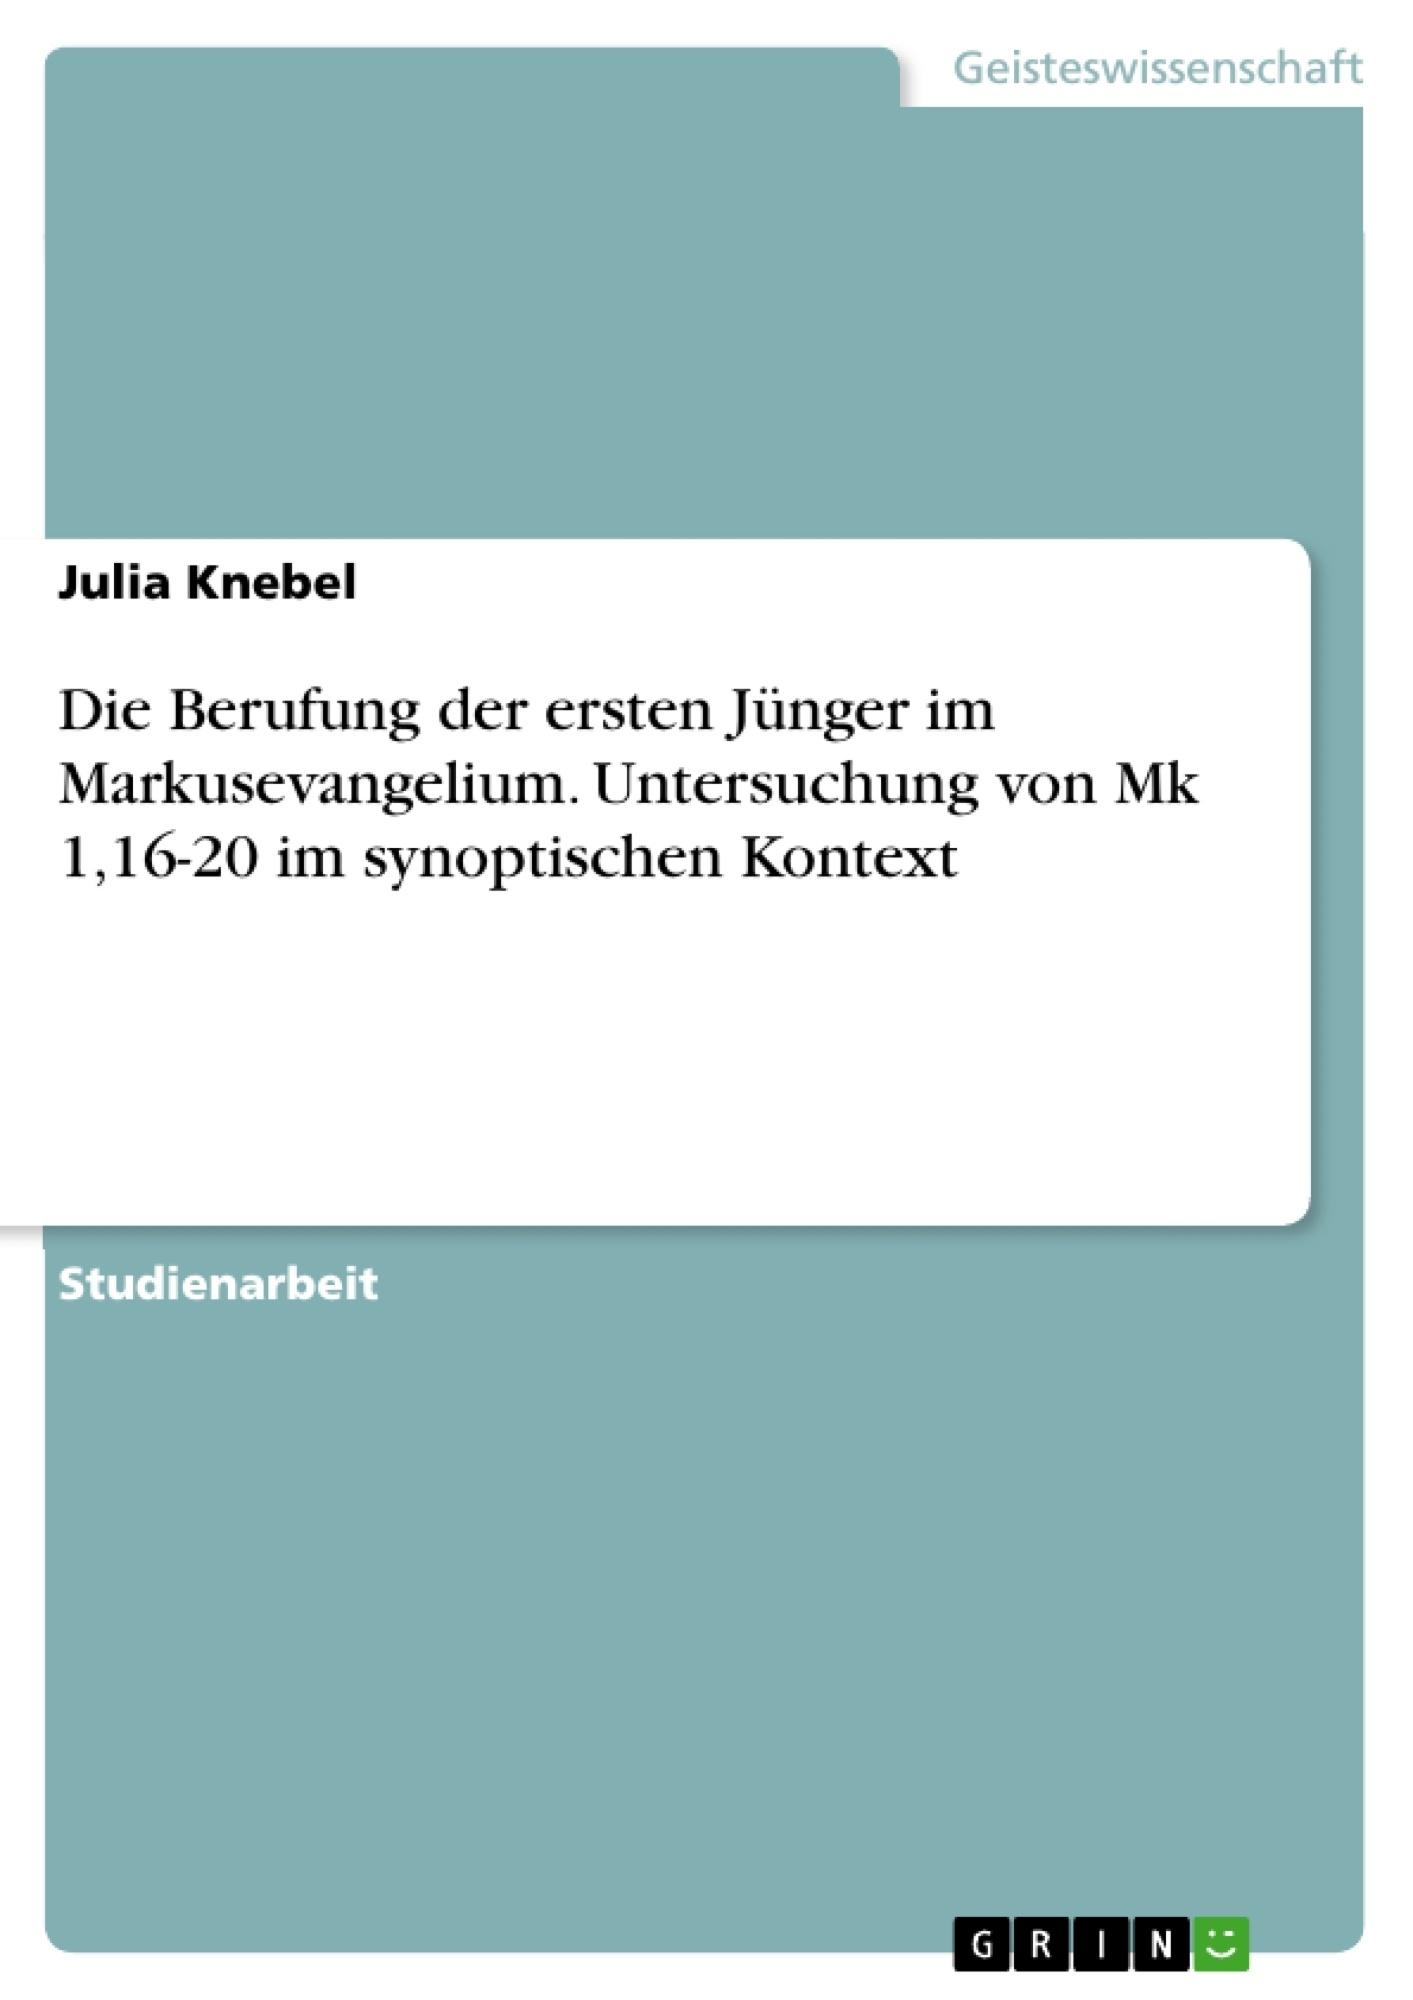 Titel: Die Berufung der ersten Jünger im Markusevangelium. Untersuchung von Mk 1,16-20 im synoptischen Kontext